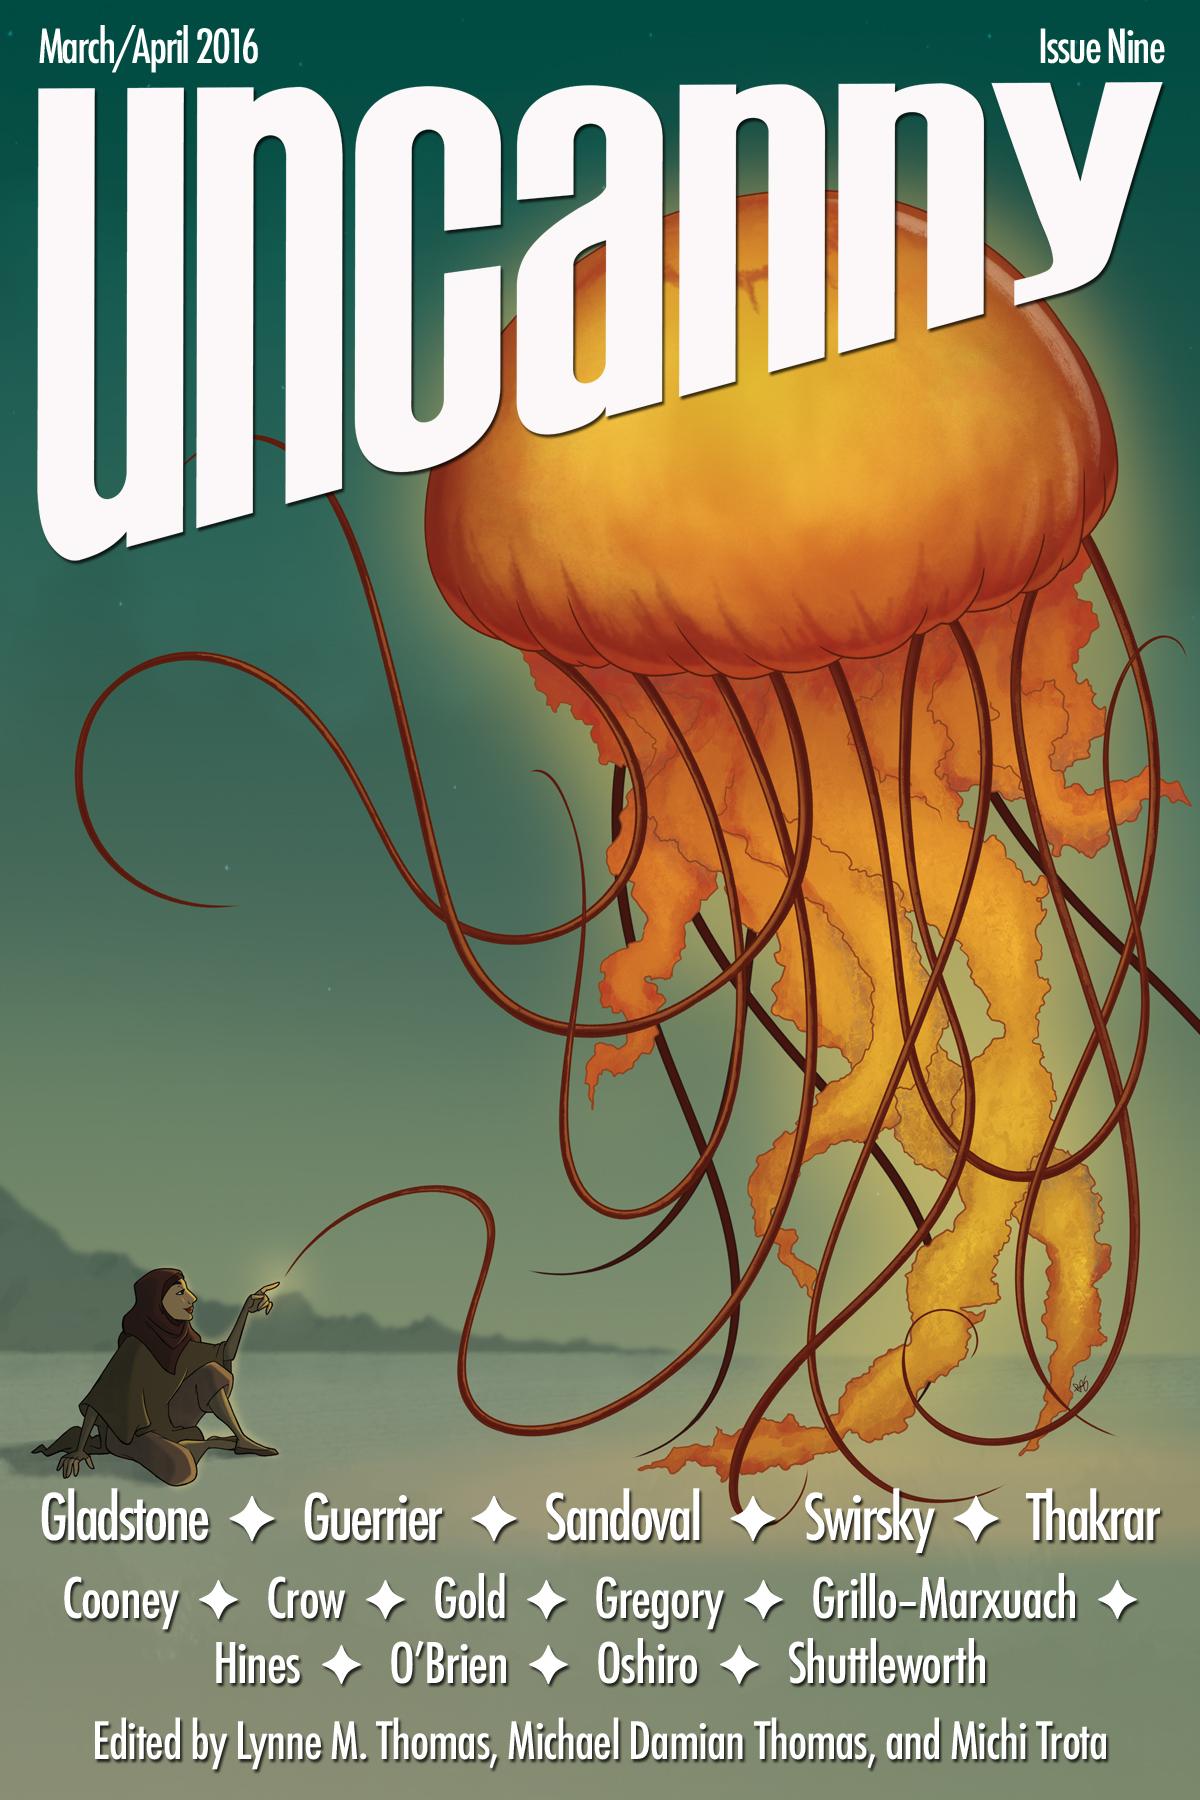 Uncanny Magazine Issue 9: March/April 2016 by Michael Damian Thomas, Lynne M. Thomas, Michi Trota